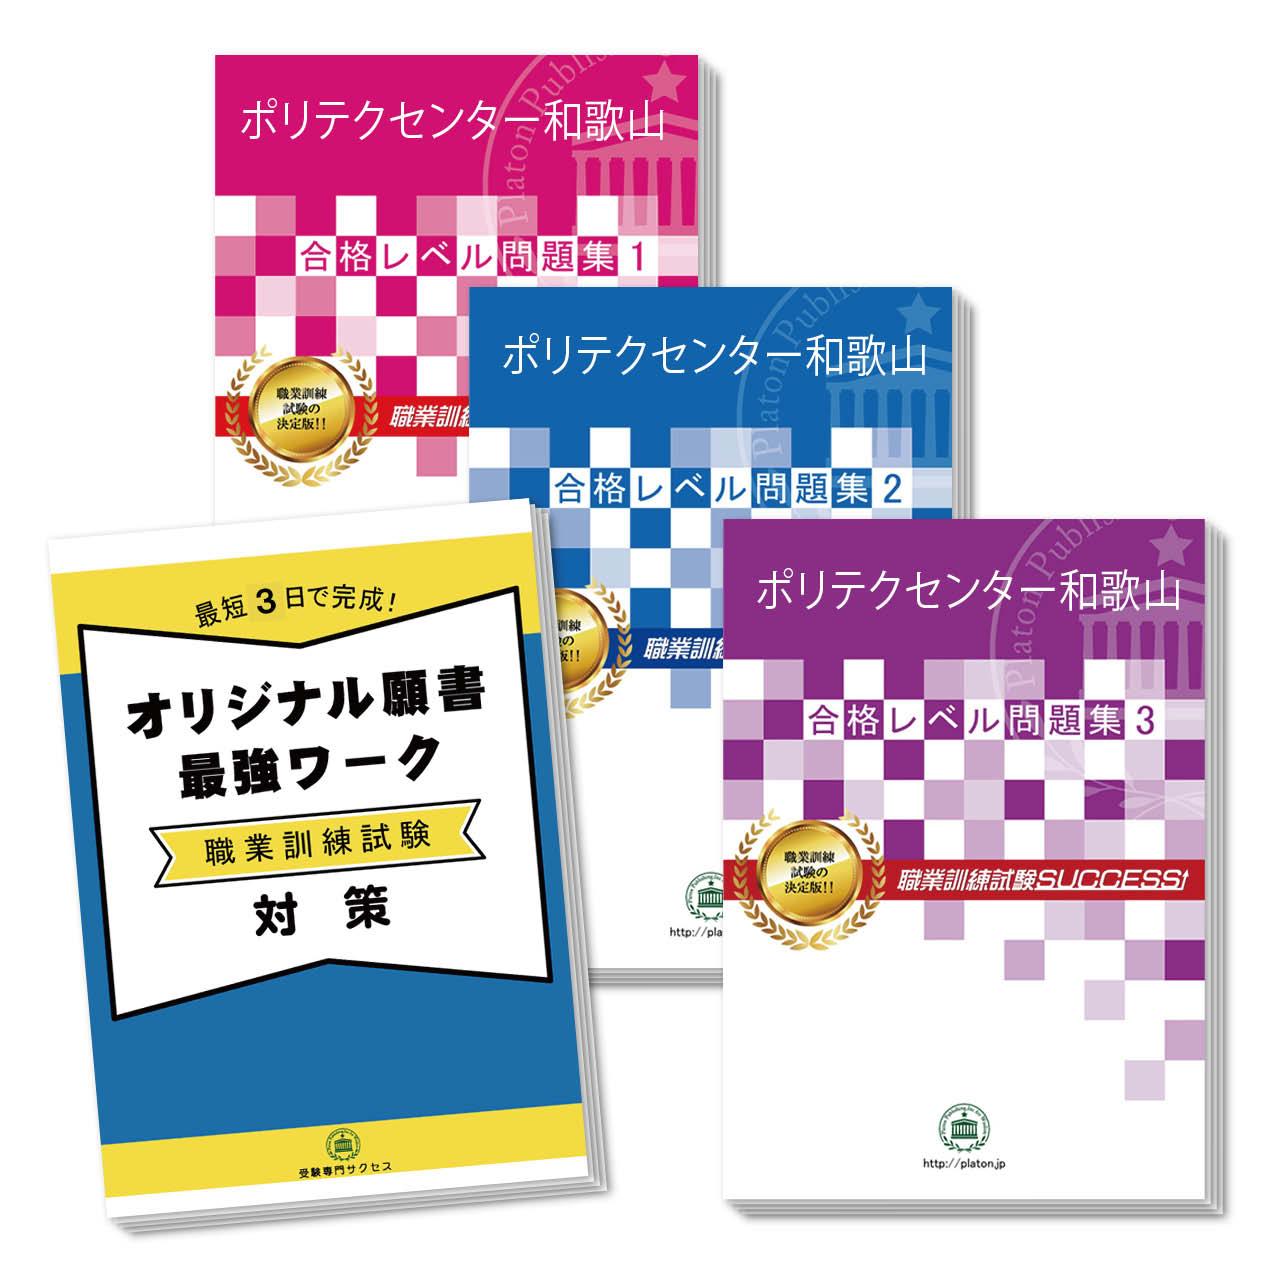 【送料・代引手数料無料】ポリテクセンター和歌山・受験合格セット(3冊)+オリジナル願書最強ワーク